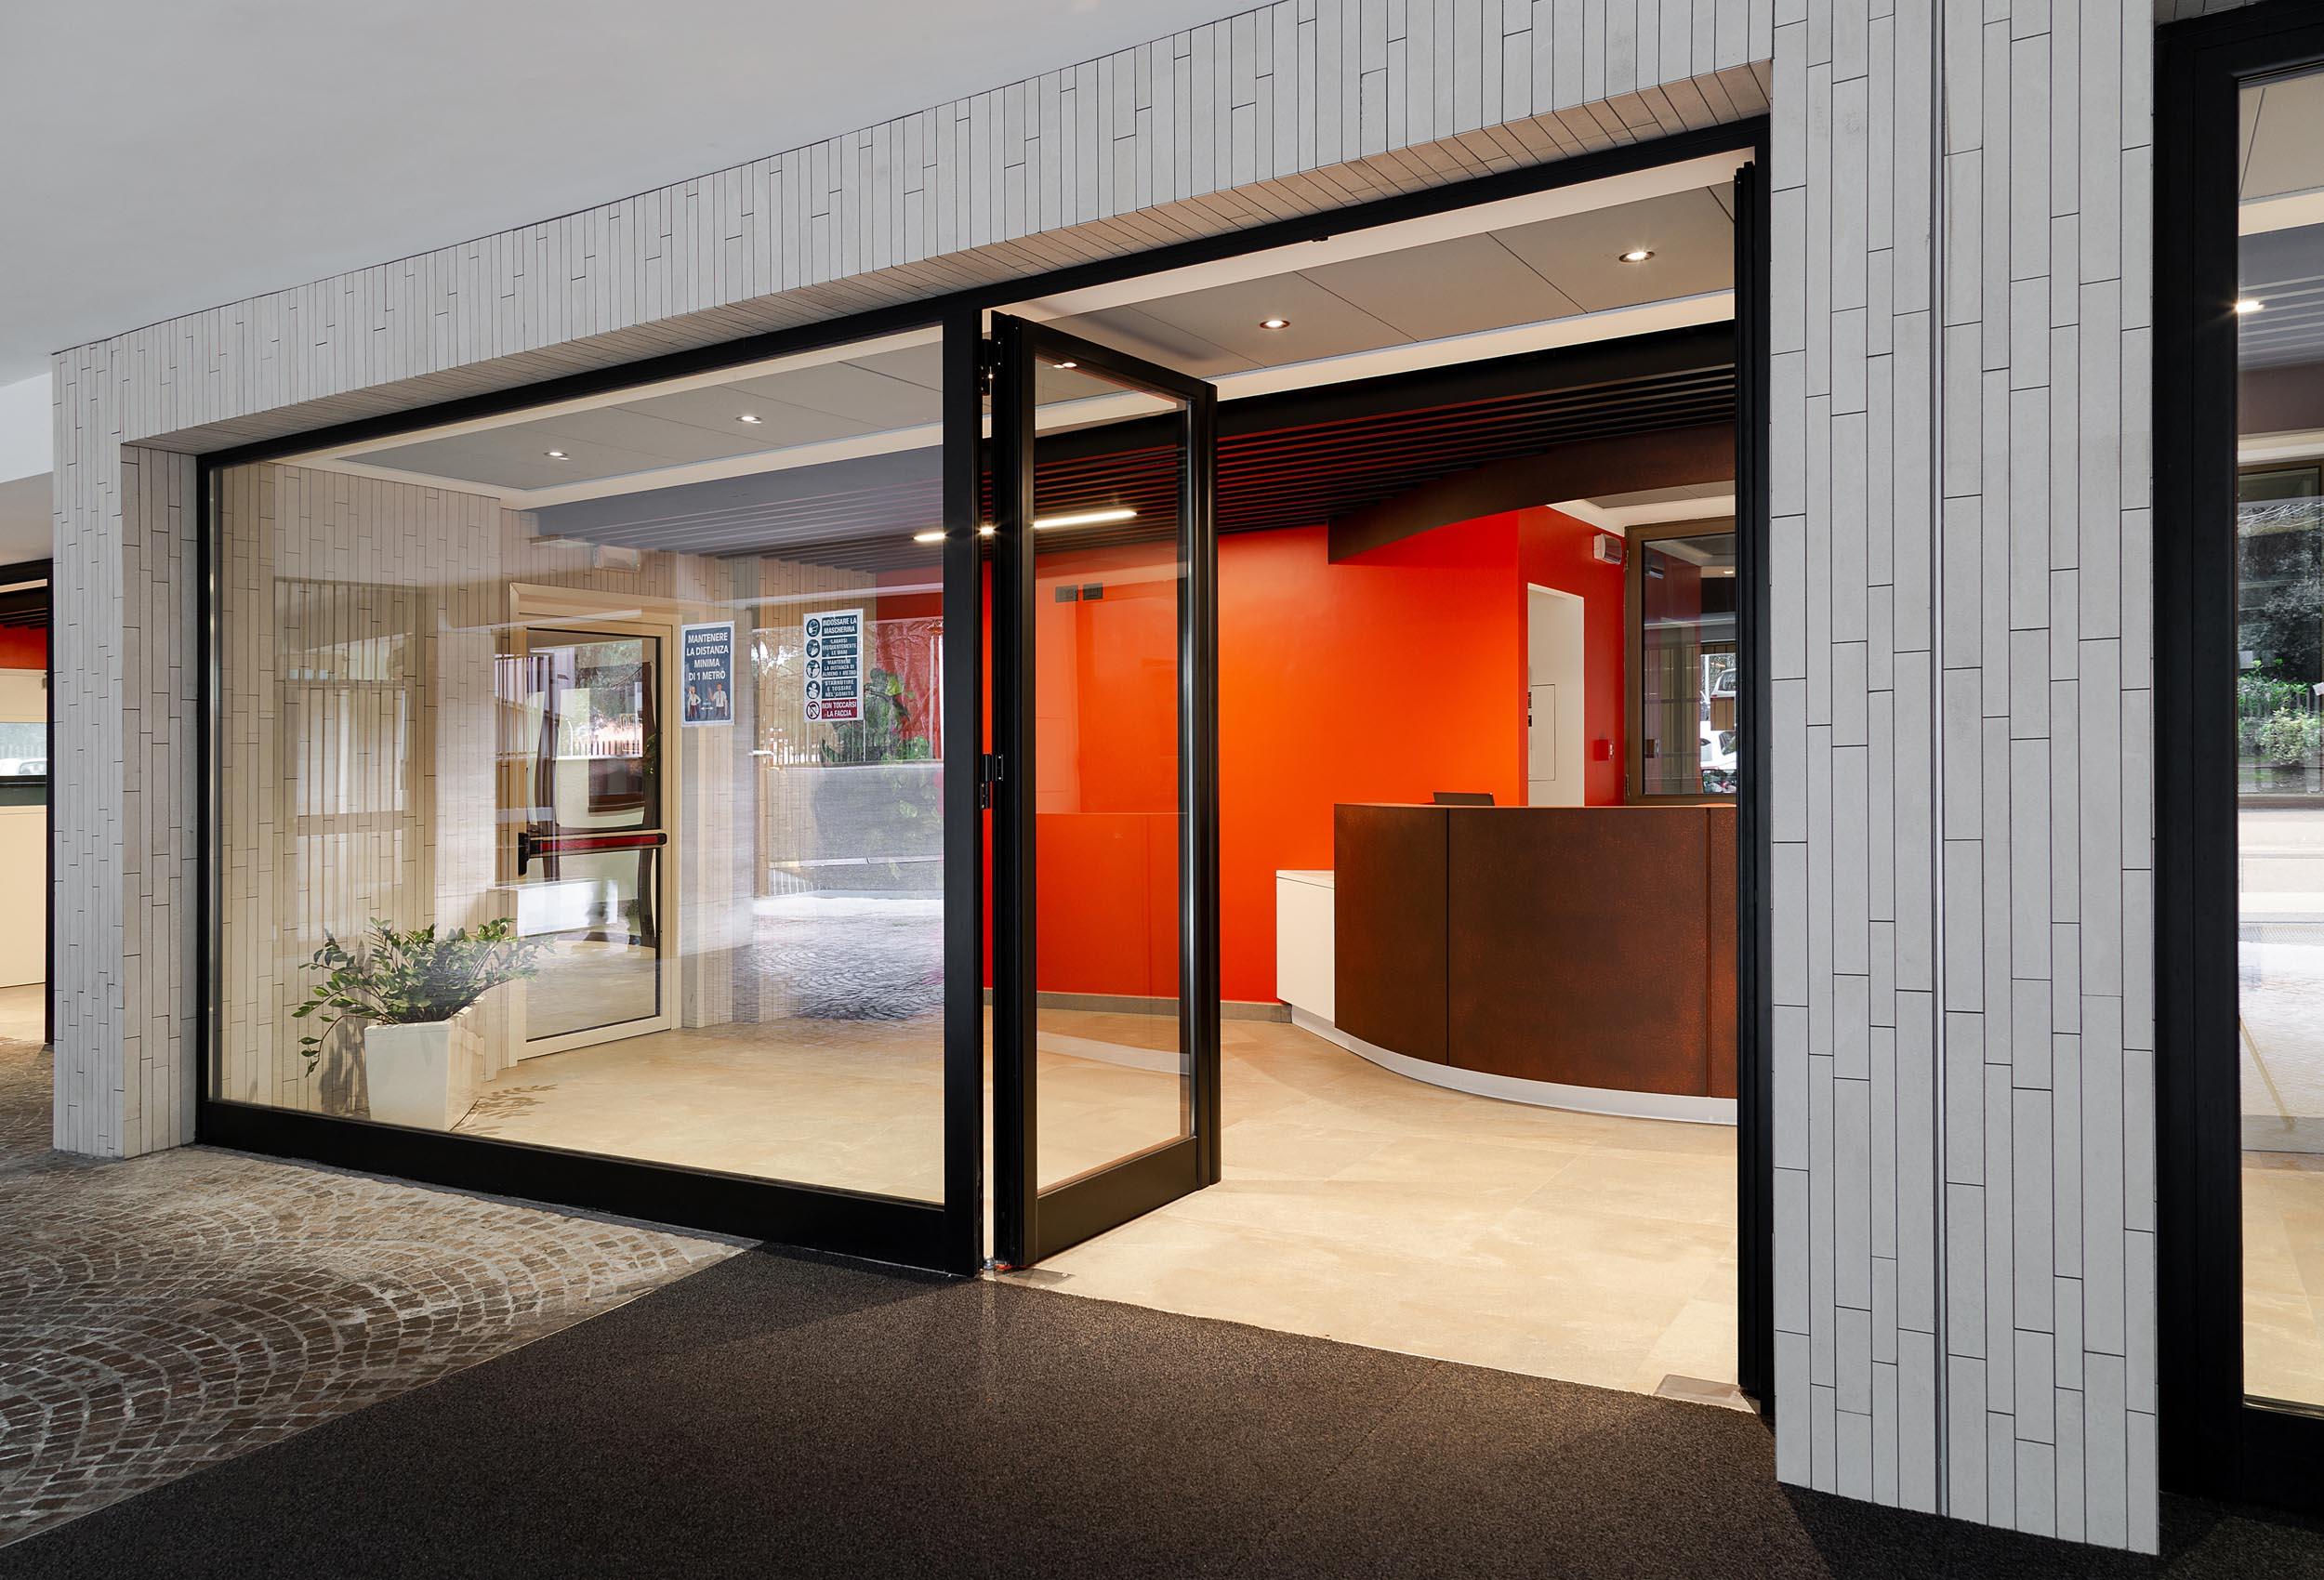 interior-design-office-design-reception-roma-studio-architettura-forniti-fad-3